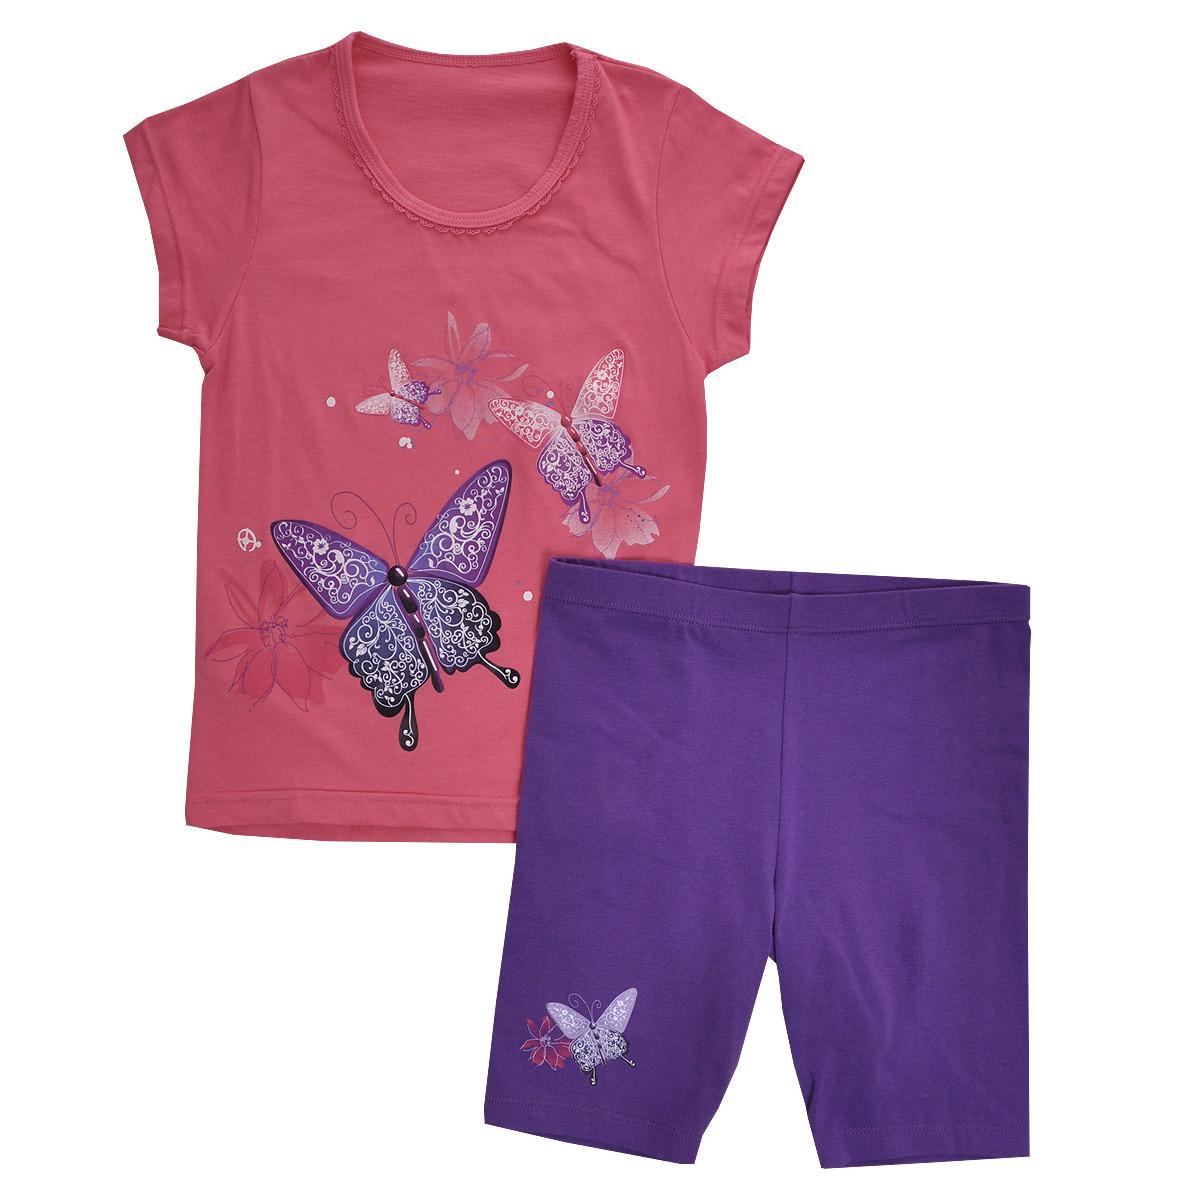 Комплект для девочки Lowry: футболка, шорты, цвет: розовый, сиреневый. GF/GL-252. Размер 38 (XXXL)GF/GL-252Комплект для девочки Lowry, состоящий из футболки и шорт, идеально подойдет вашей малышке. Изготовленный из натурального хлопка, он необычайно мягкий и приятный на ощупь, не сковывает движения малышки и позволяет коже дышать, не раздражает даже самую нежную и чувствительную кожу ребенка, обеспечивая ему наибольший комфорт. Футболка с короткими рукавами и круглым вырезом горловины спереди оформлена яркой термоаппликацией с изображением бабочек. Вырез горловины украшен ажурными рюшами.Шортики на талии имеют широкую эластичную резинку, благодаря чему они не сдавливают животик ребенка и не сползают. Правая брючина оформлена термоаппликацией с изображением бабочки и цветочка.Оригинальный дизайн и модная расцветка делают этот комплект незаменимым предметом детского гардероба. В нем вашей маленькой принцессе будет комфортно и уютно, и она всегда будет в центре внимания!